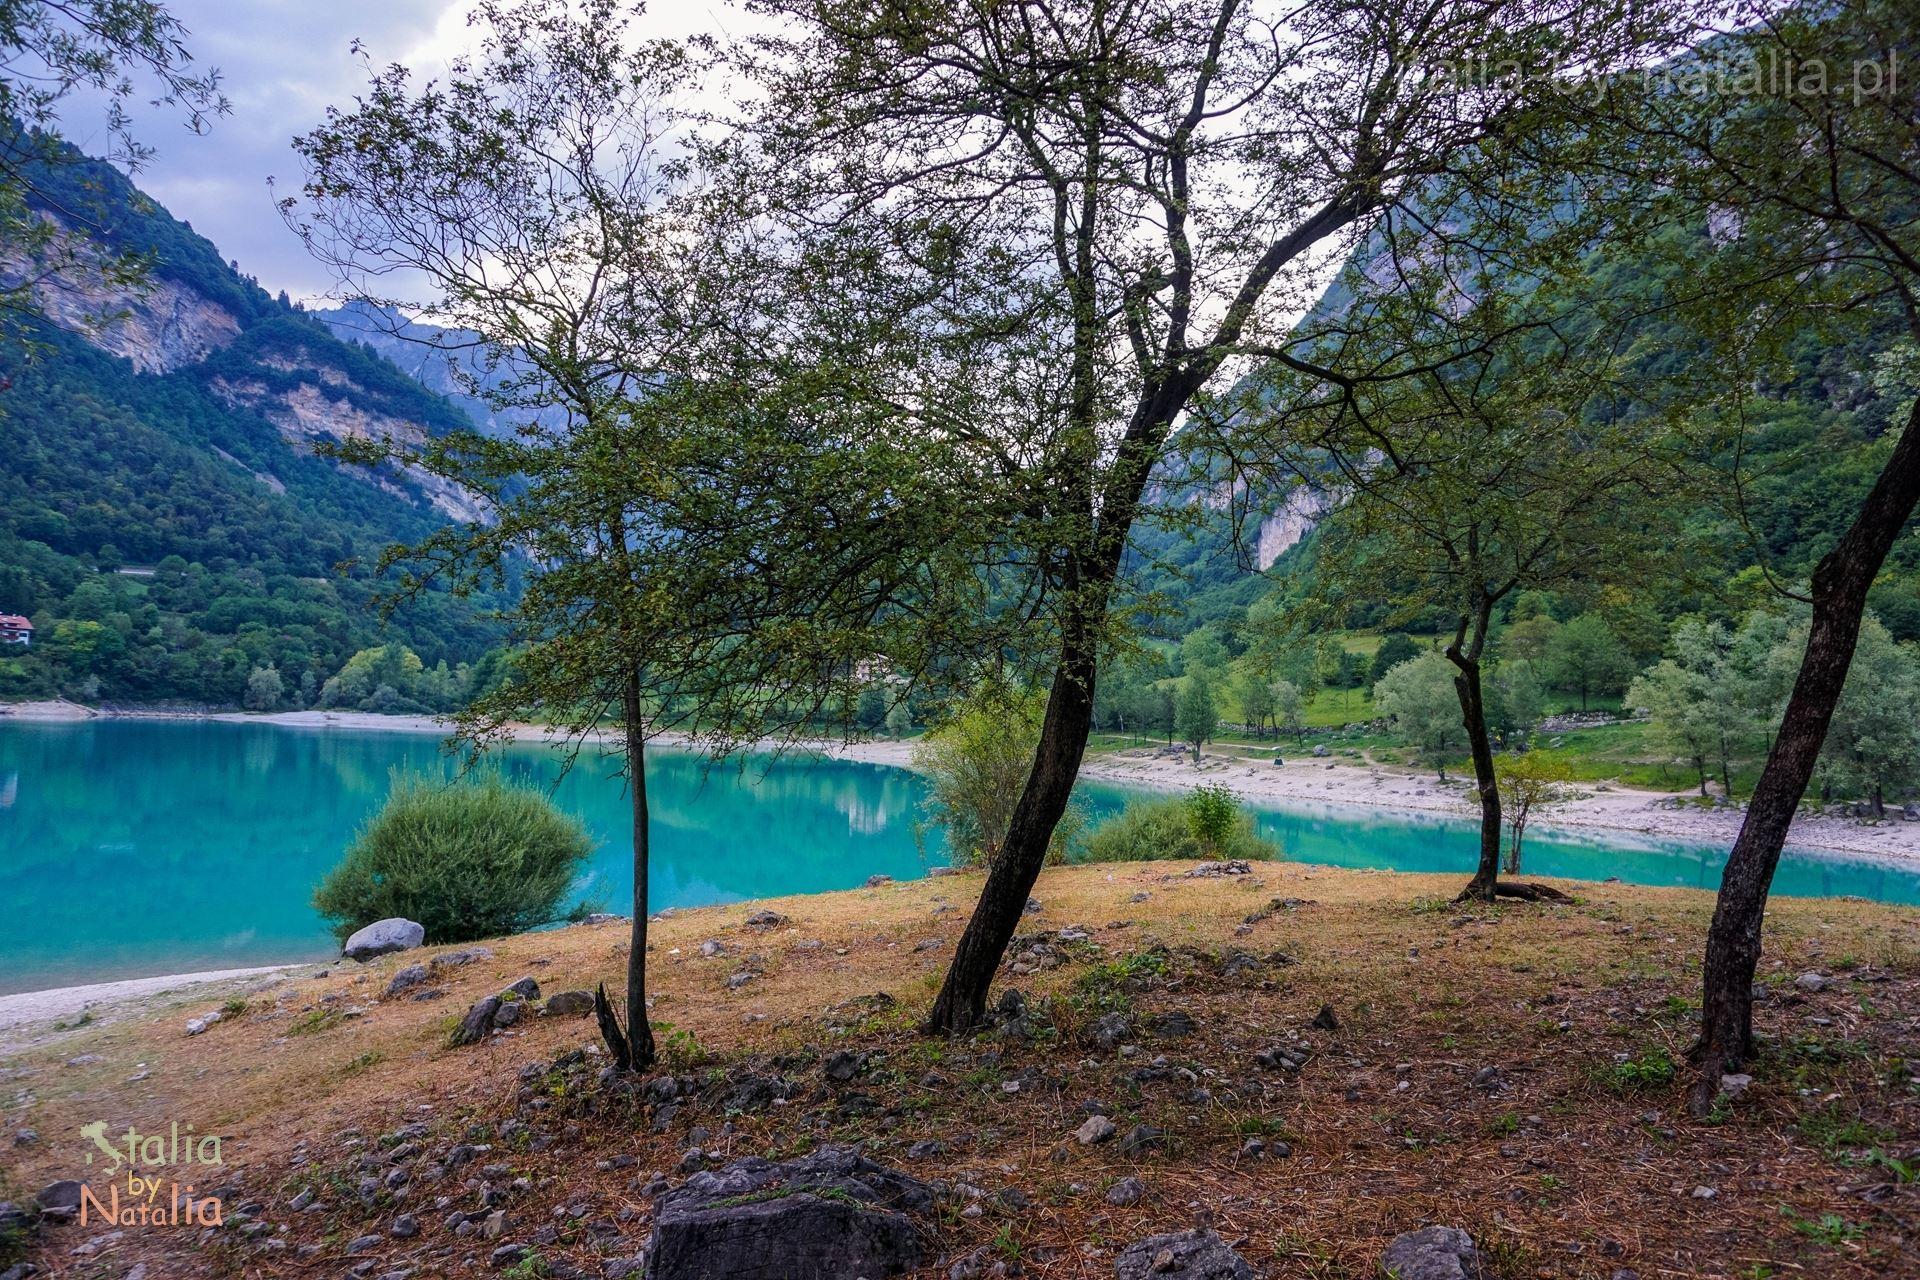 lago di tenno garda trentino lake jezioro